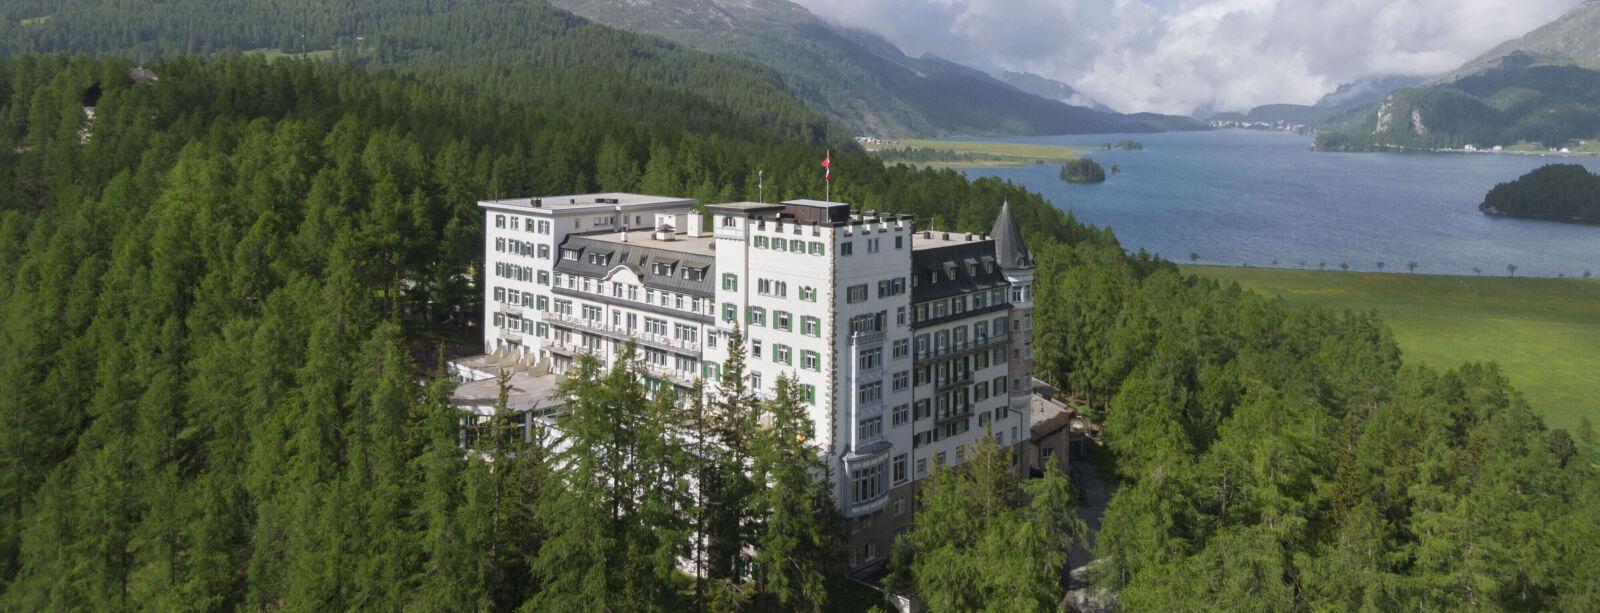 View towards Hotel Waldhaus Sils